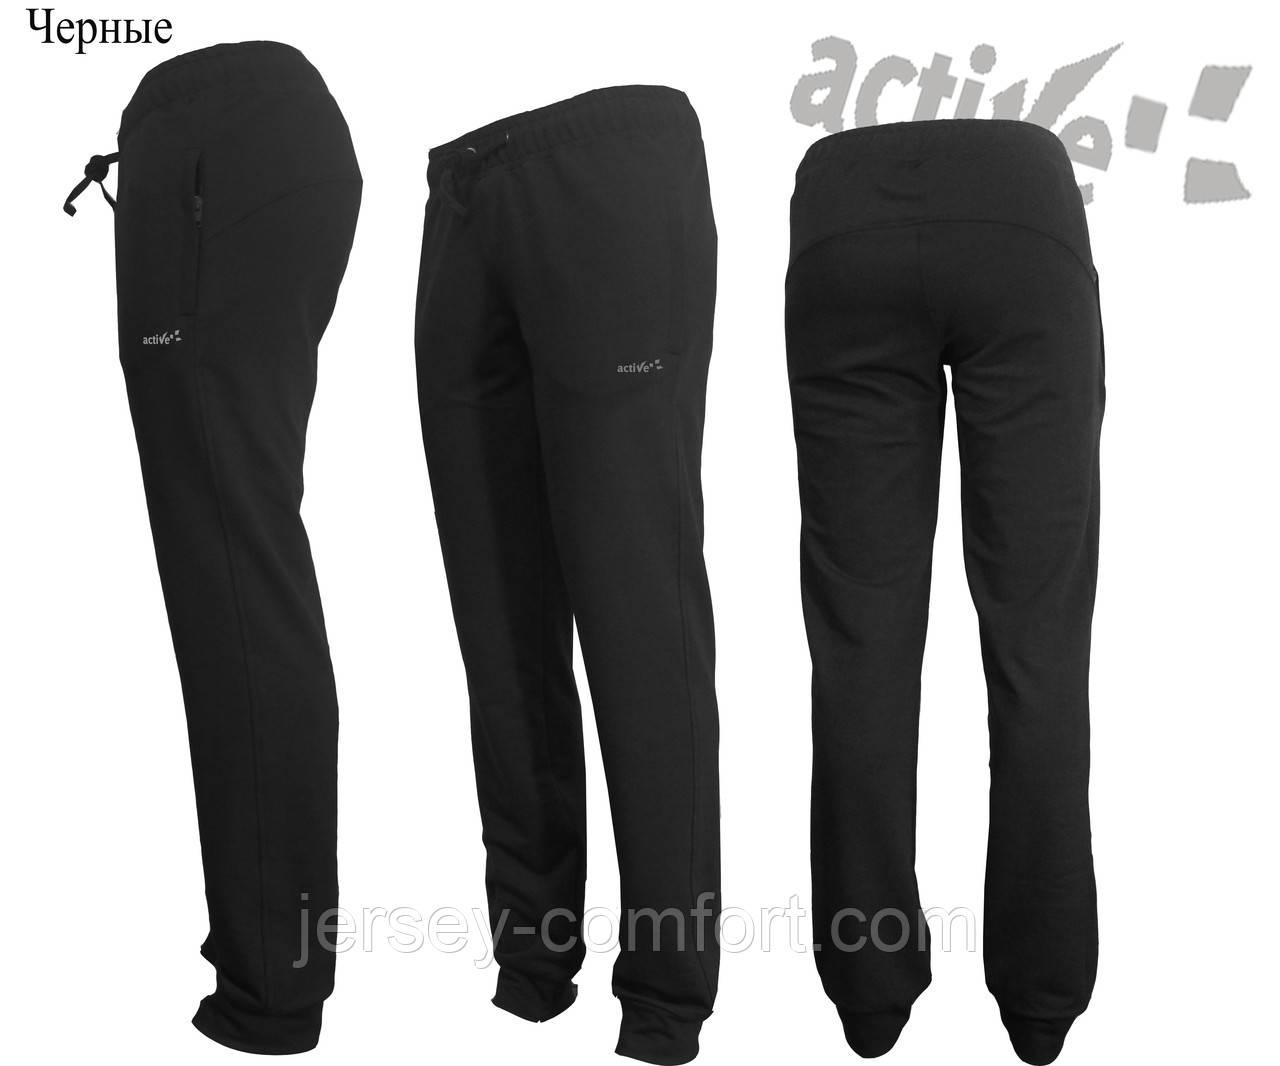 Брюки  женские трикотажные черные. Мод. 0-85